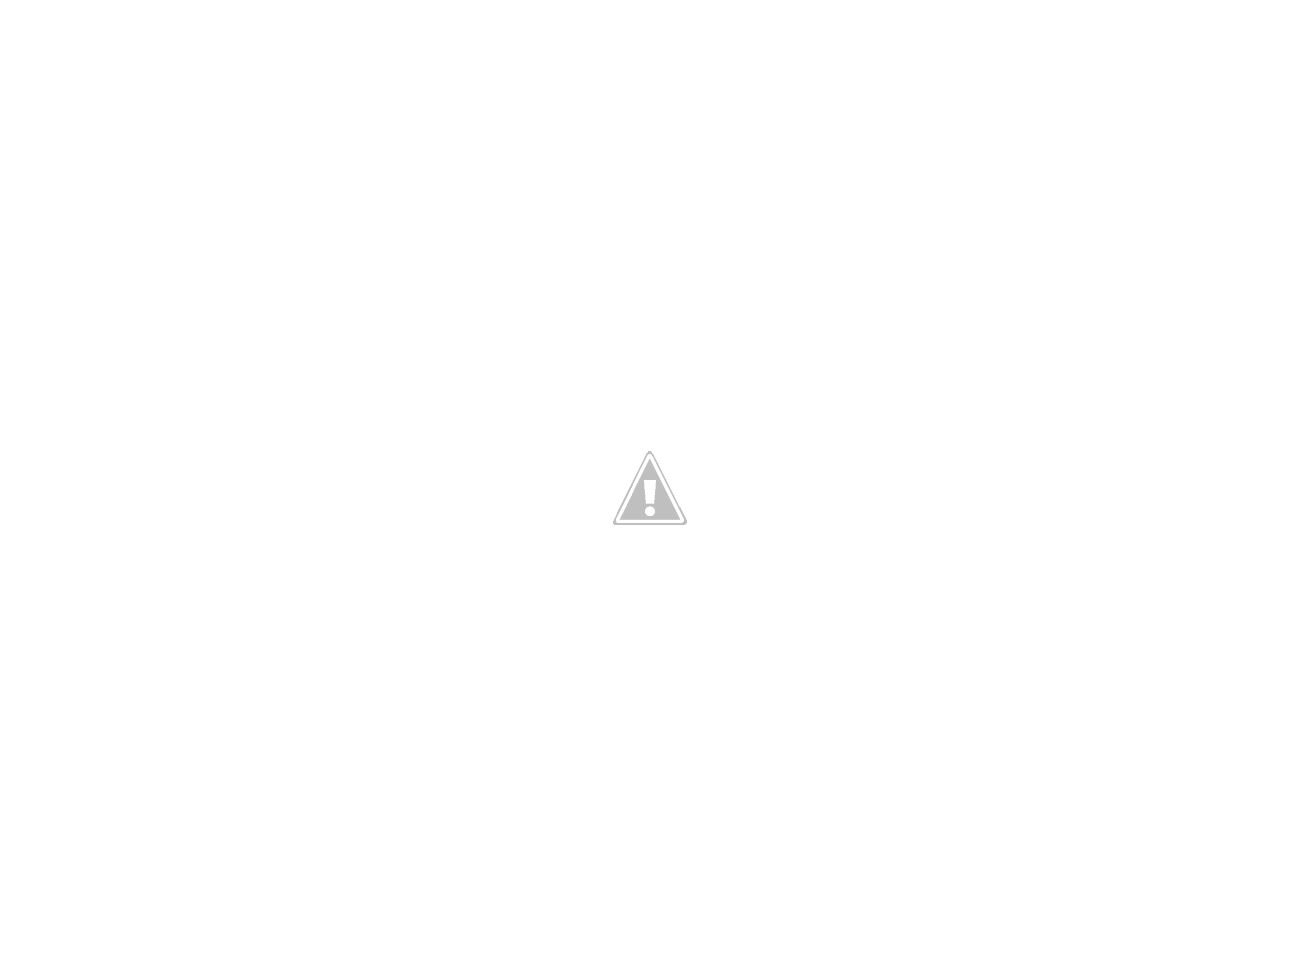 Olaszfa - Szent Miklós rk. templom és keresztút a templomkertben